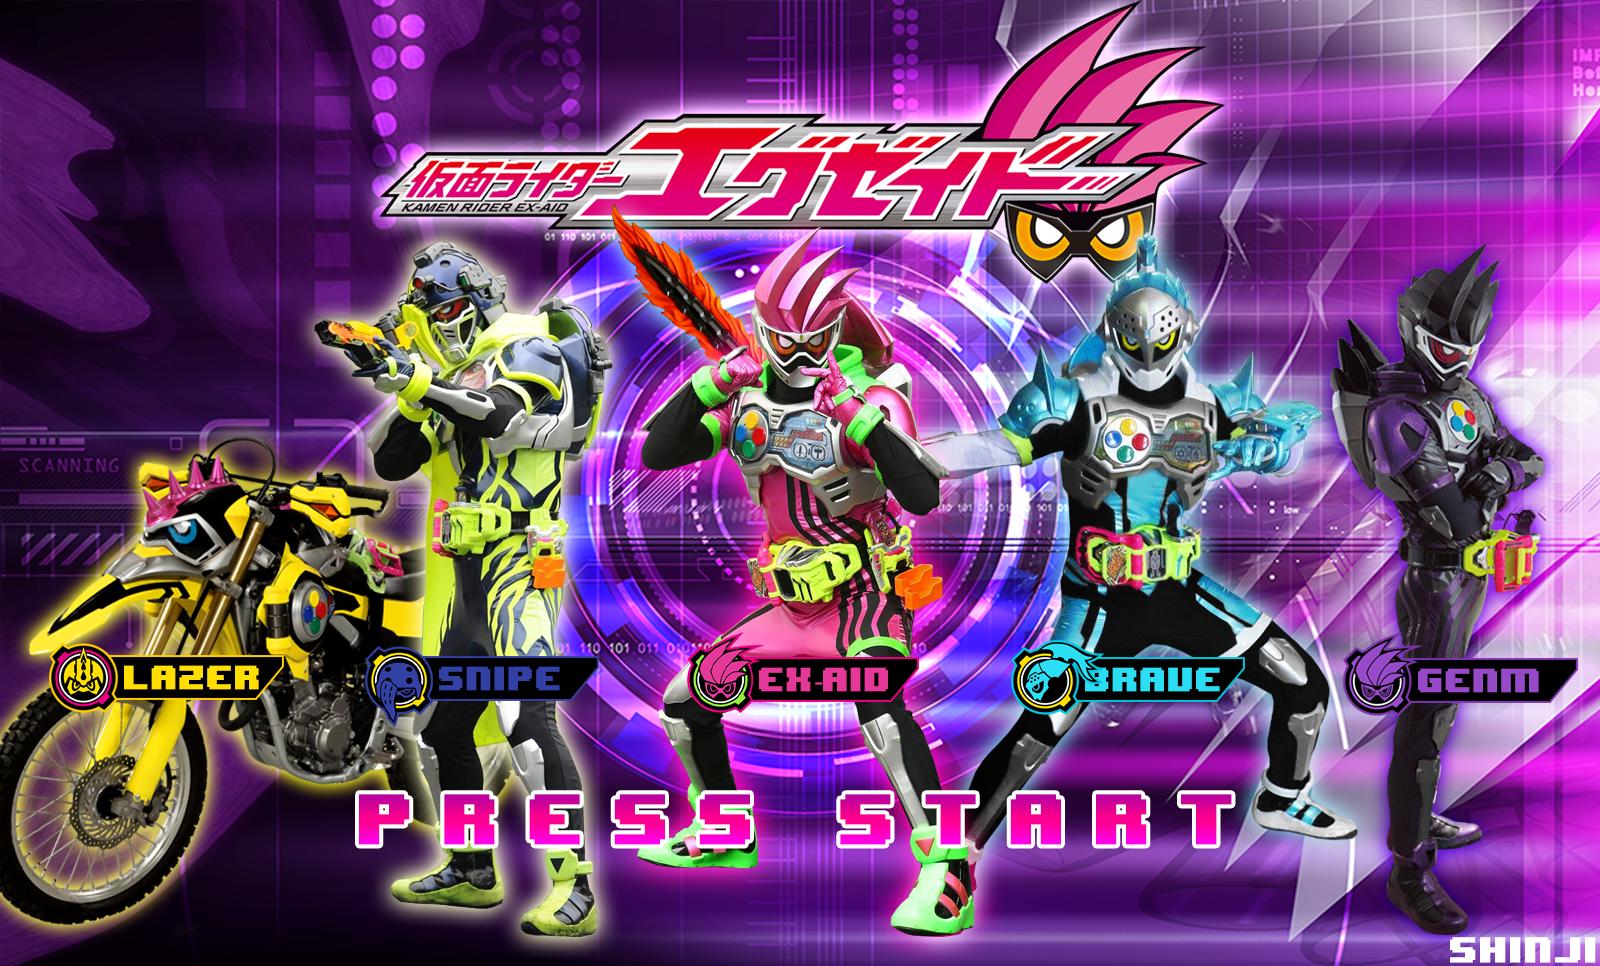 Kamen Rider Ex-Aid - Brave - Snipe - Lazer - Genm by ...